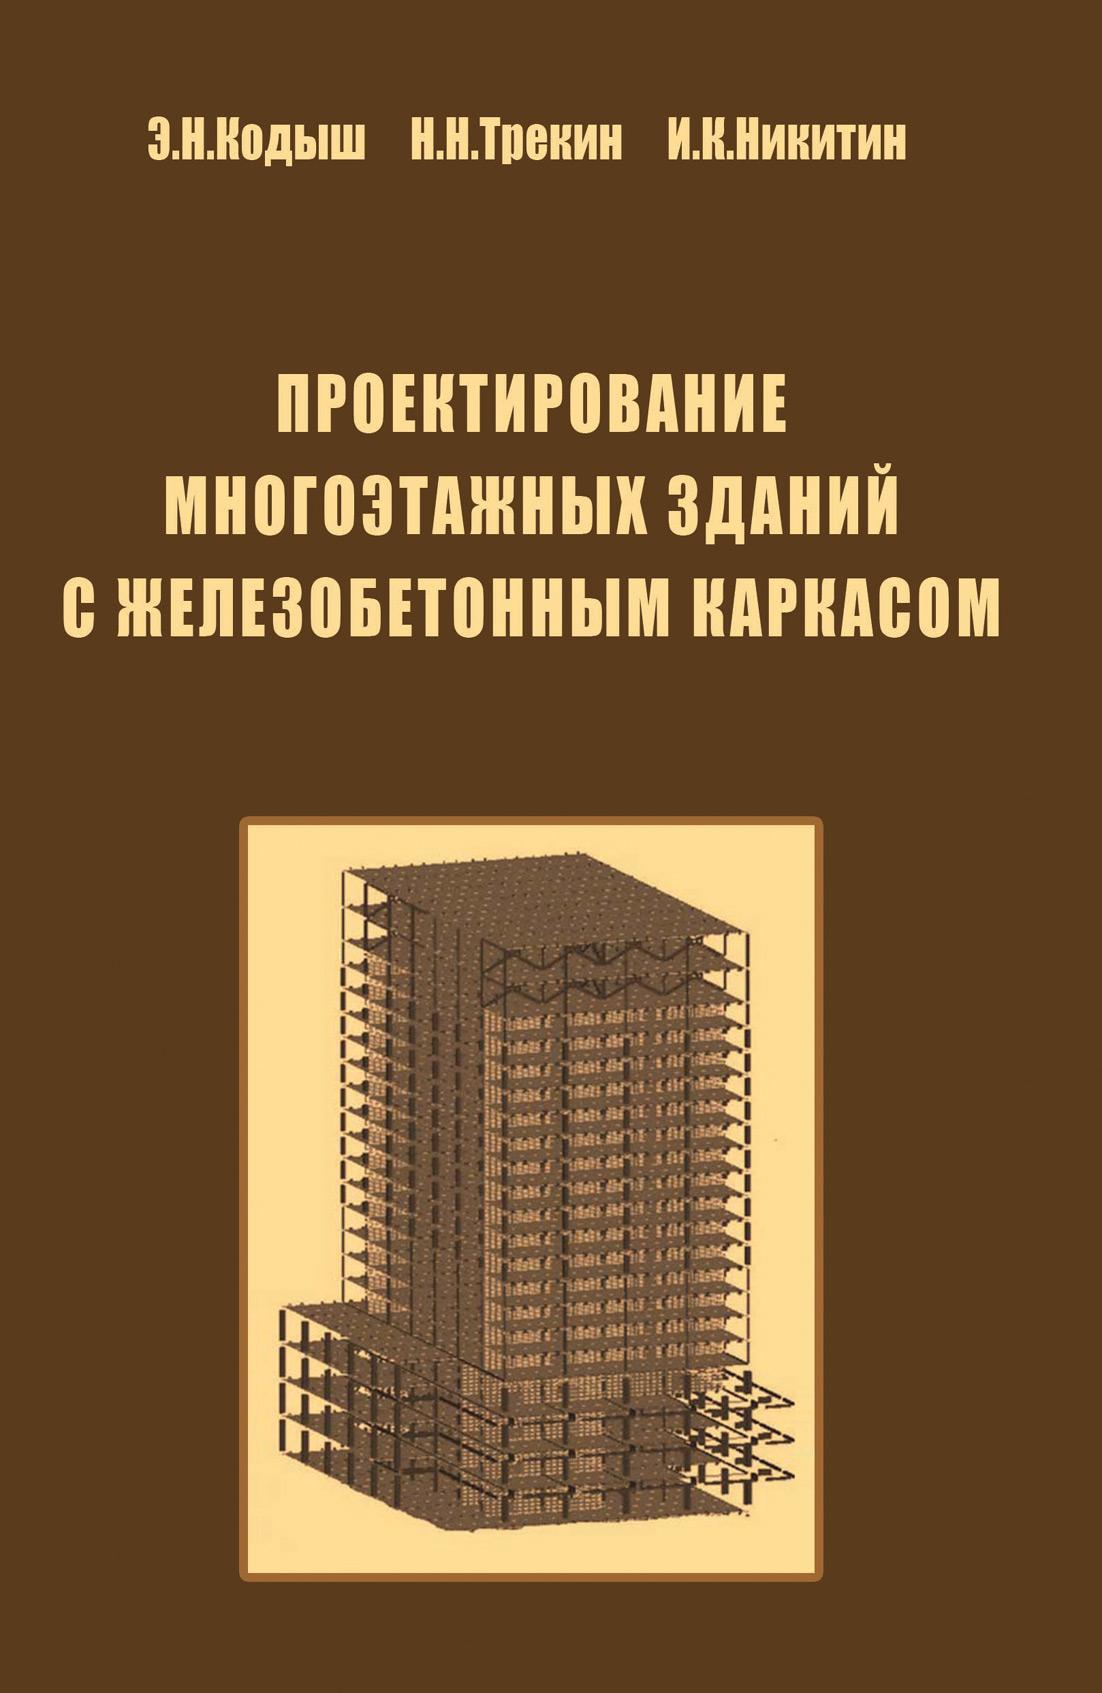 Э. Н. Кодыш Проектирование многоэтажных зданий с железобетонным каркасом хог э прикладное оптимальное проектирование механические системы и конструкции